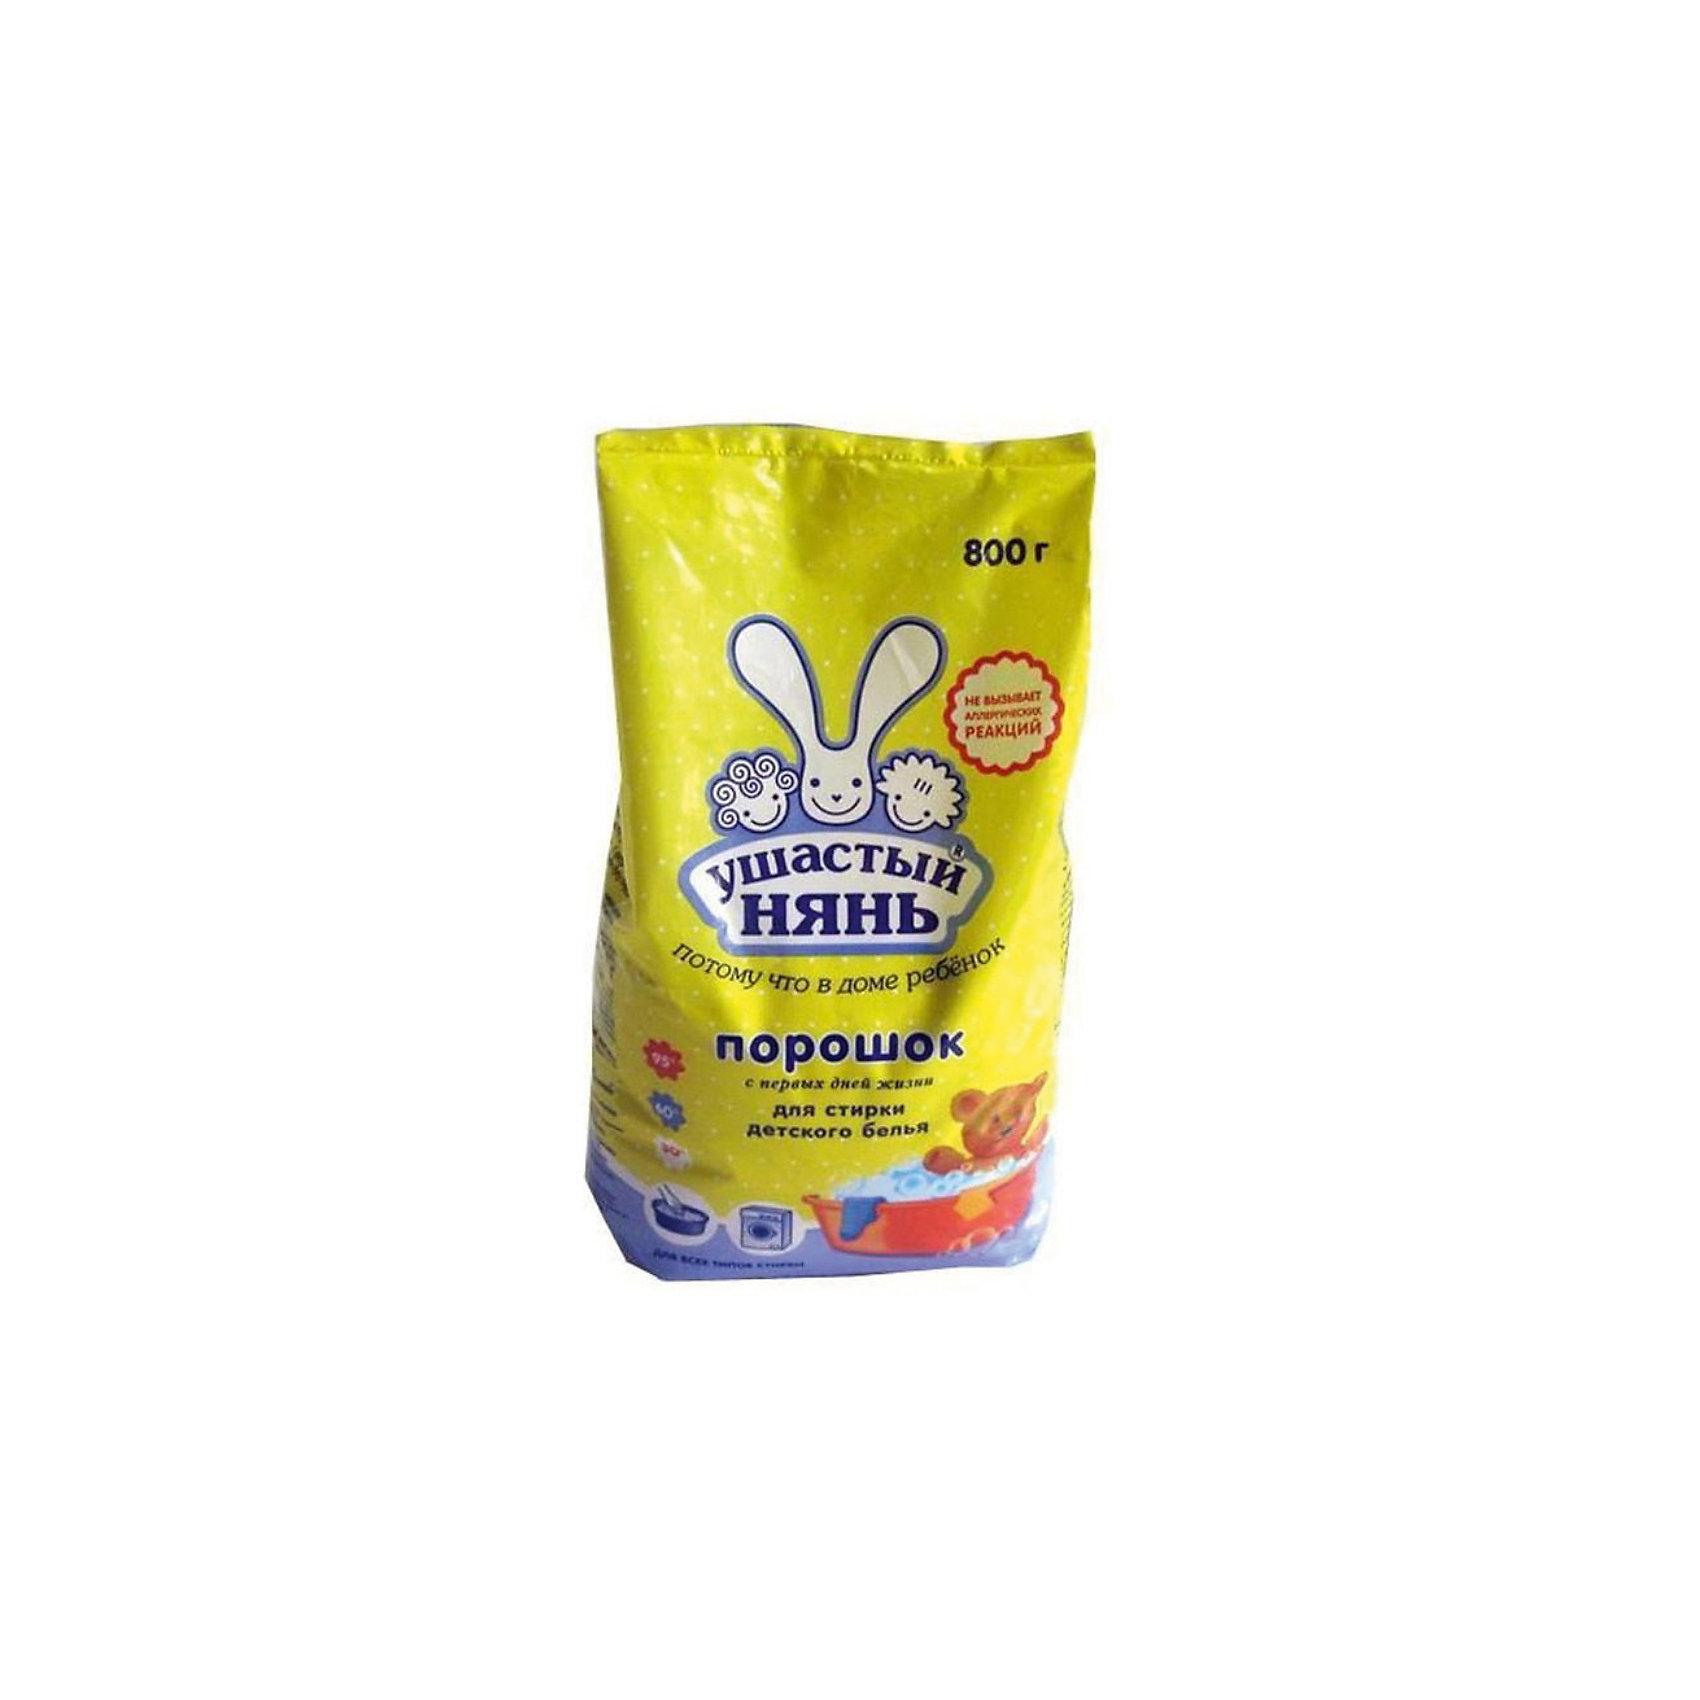 Стиральный порошок, Ушастый нянь, 800 г.Гипоаллергенный Стиральный порошок, Ушастый нянь, 800 г. с приятным цветочно-фруктовым ароматом, не содержащий мыла, идеально подходит для стирки детских вещей. Формула порошка создавалась с учетом особенностей загрязнений, которые, как правило, появляются на детских вещах. Он легко удаляет пятна, не разрушая структуру волокон и сохраняя яркость цветов. <br><br>Особенности:<br>-Предназначено для стирки детских изделий из хлопчато-бумажных, льняных, синтетических тканей, а также тканей из смешанных волокон как вручную, так и в стиральных машинах <br>-Может использоваться для стирки в температурных режимах от 30 до 95 C<br>-Замечательно справляется с загрязнениями биологического происхождения (пятна от молока, яиц, фруктовых пюре, каш, а также продуктов жизнедеятельности малышей).<br>-Порошок полностью вымывается из ткани, поэтому не сможет вызвать аллергических реакций у ребенка<br>-Безопасен для детей, склонных к аллергии<br><br>Дополнительная информация:<br><br>-вес: 800 г <br>-для всех типов стирки <br>-упаковка: пластиковый пакет <br><br>Благодаря своим особенностям порошок «Ушастый нянь» может быть рекомендован даже для детей, склонных к аллергии, что подтверждают специалисты ФГУ РНИИТО им. Р. Р. Вредена Росмедтехнологий (Санкт-Петербург).<br><br>Стиральный порошок, Ушастый нянь, 800 г. можно купить в нашем магазине.<br><br>Ширина мм: 58<br>Глубина мм: 41<br>Высота мм: 130<br>Вес г: 800<br>Возраст от месяцев: 0<br>Возраст до месяцев: 36<br>Пол: Унисекс<br>Возраст: Детский<br>SKU: 3713841